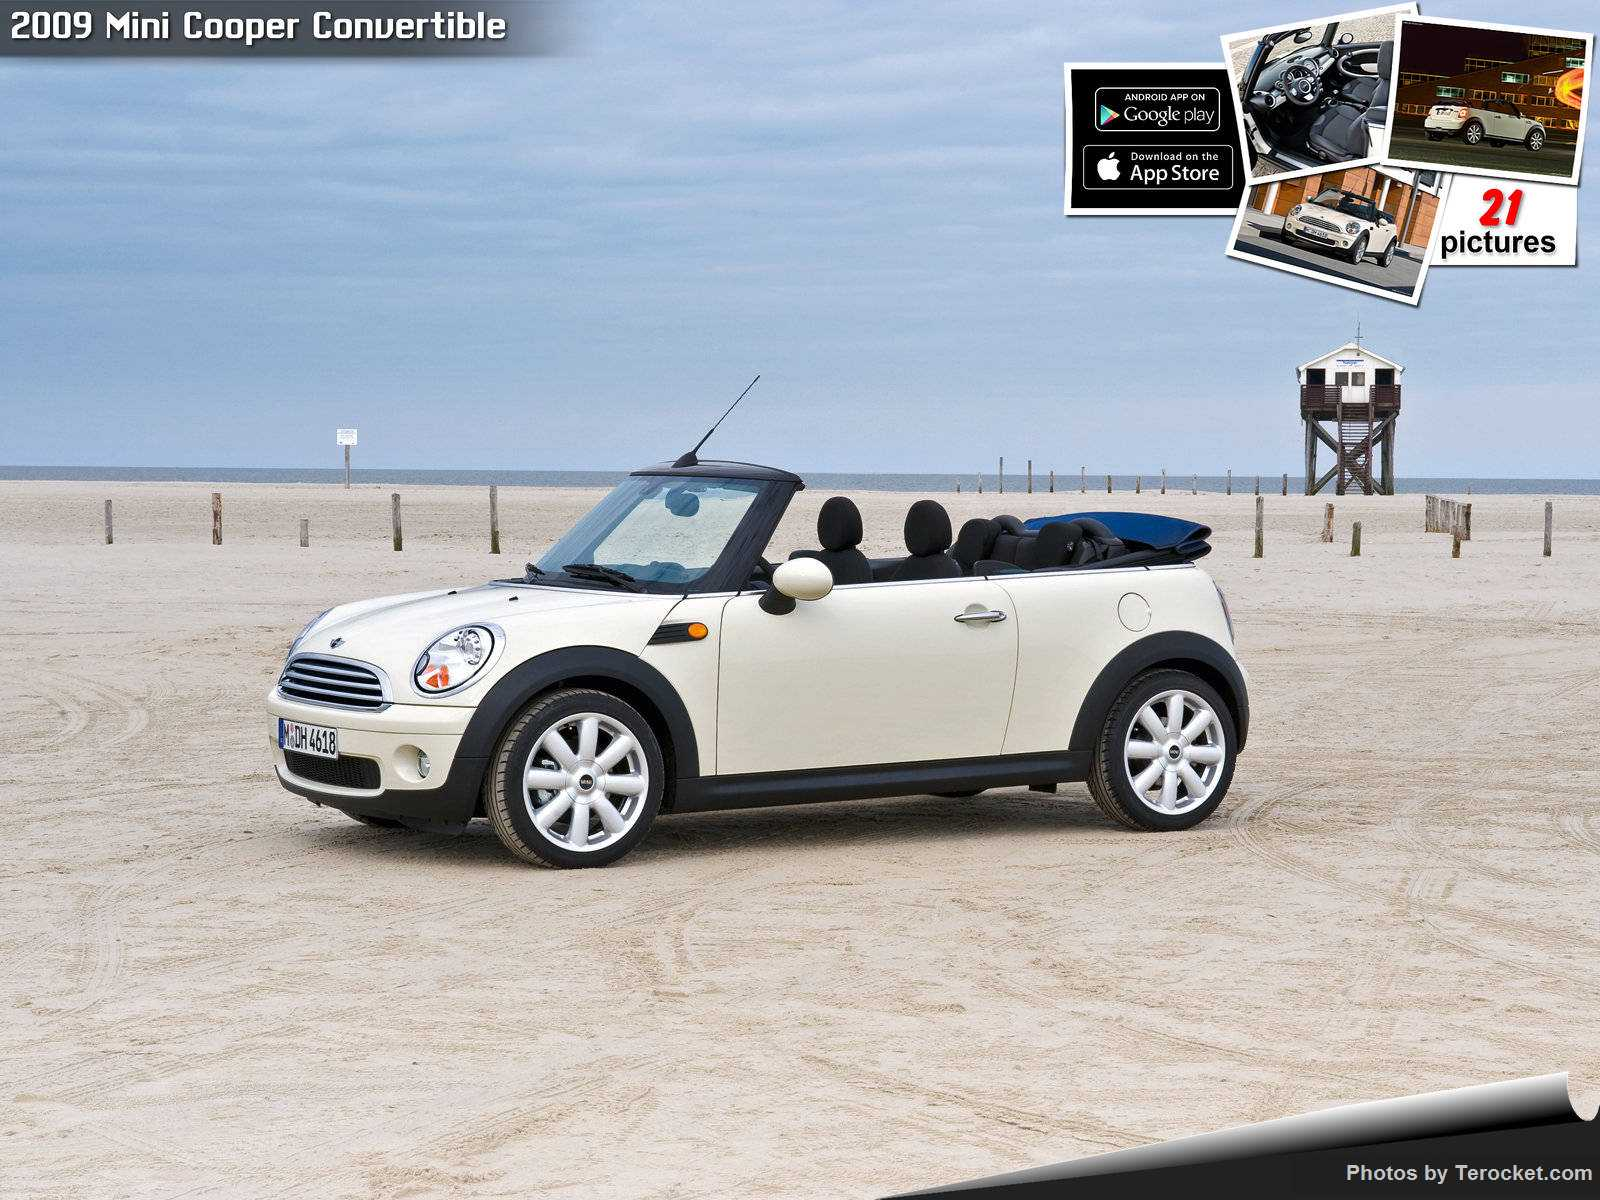 Hình ảnh xe ô tô Mini Cooper Convertible 2009 & nội ngoại thất